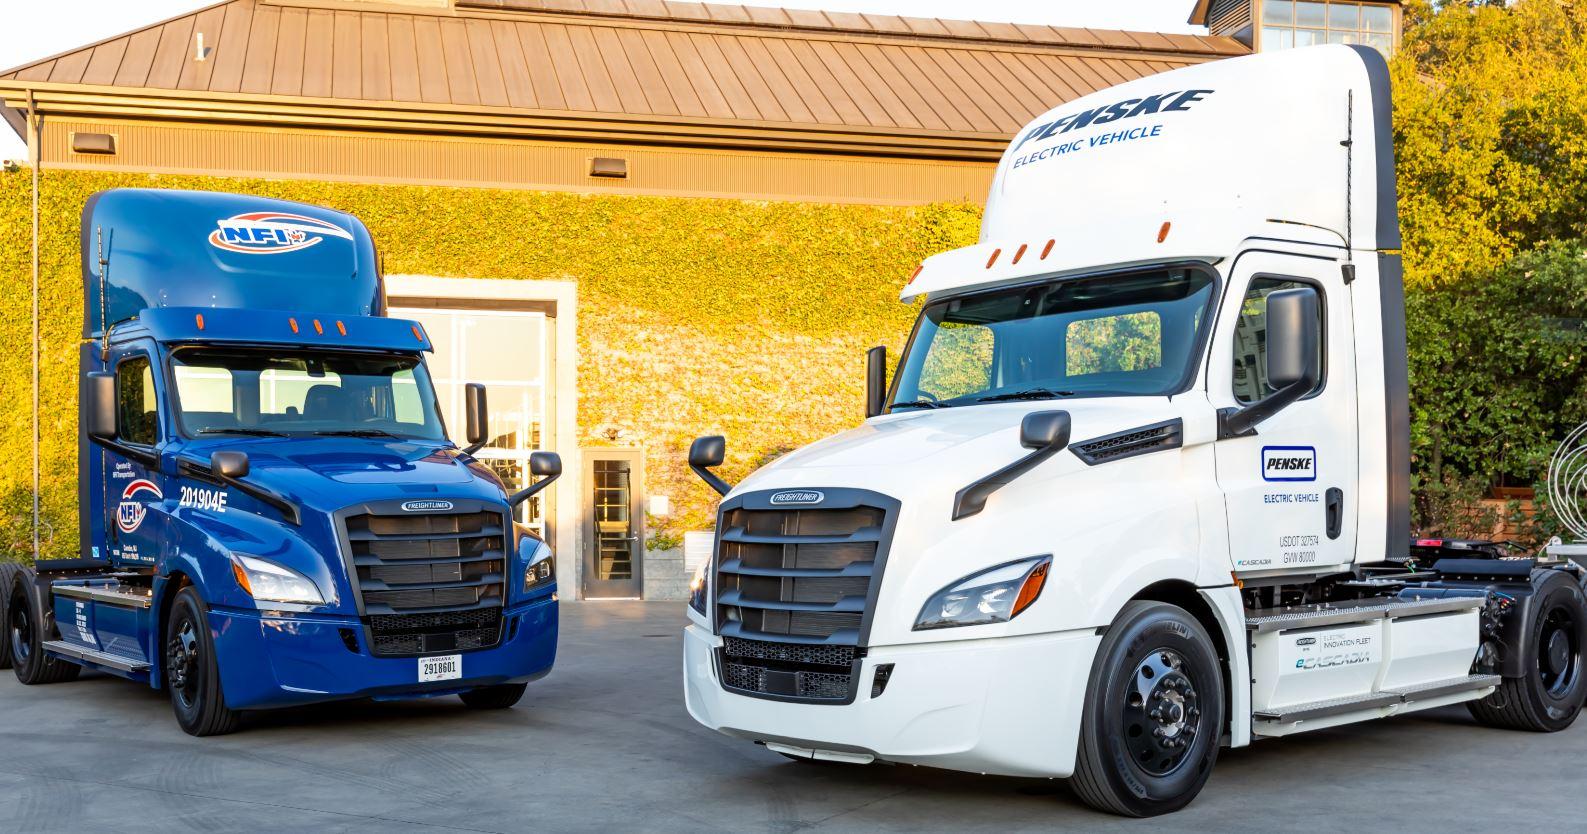 Clean Air Technology trucks